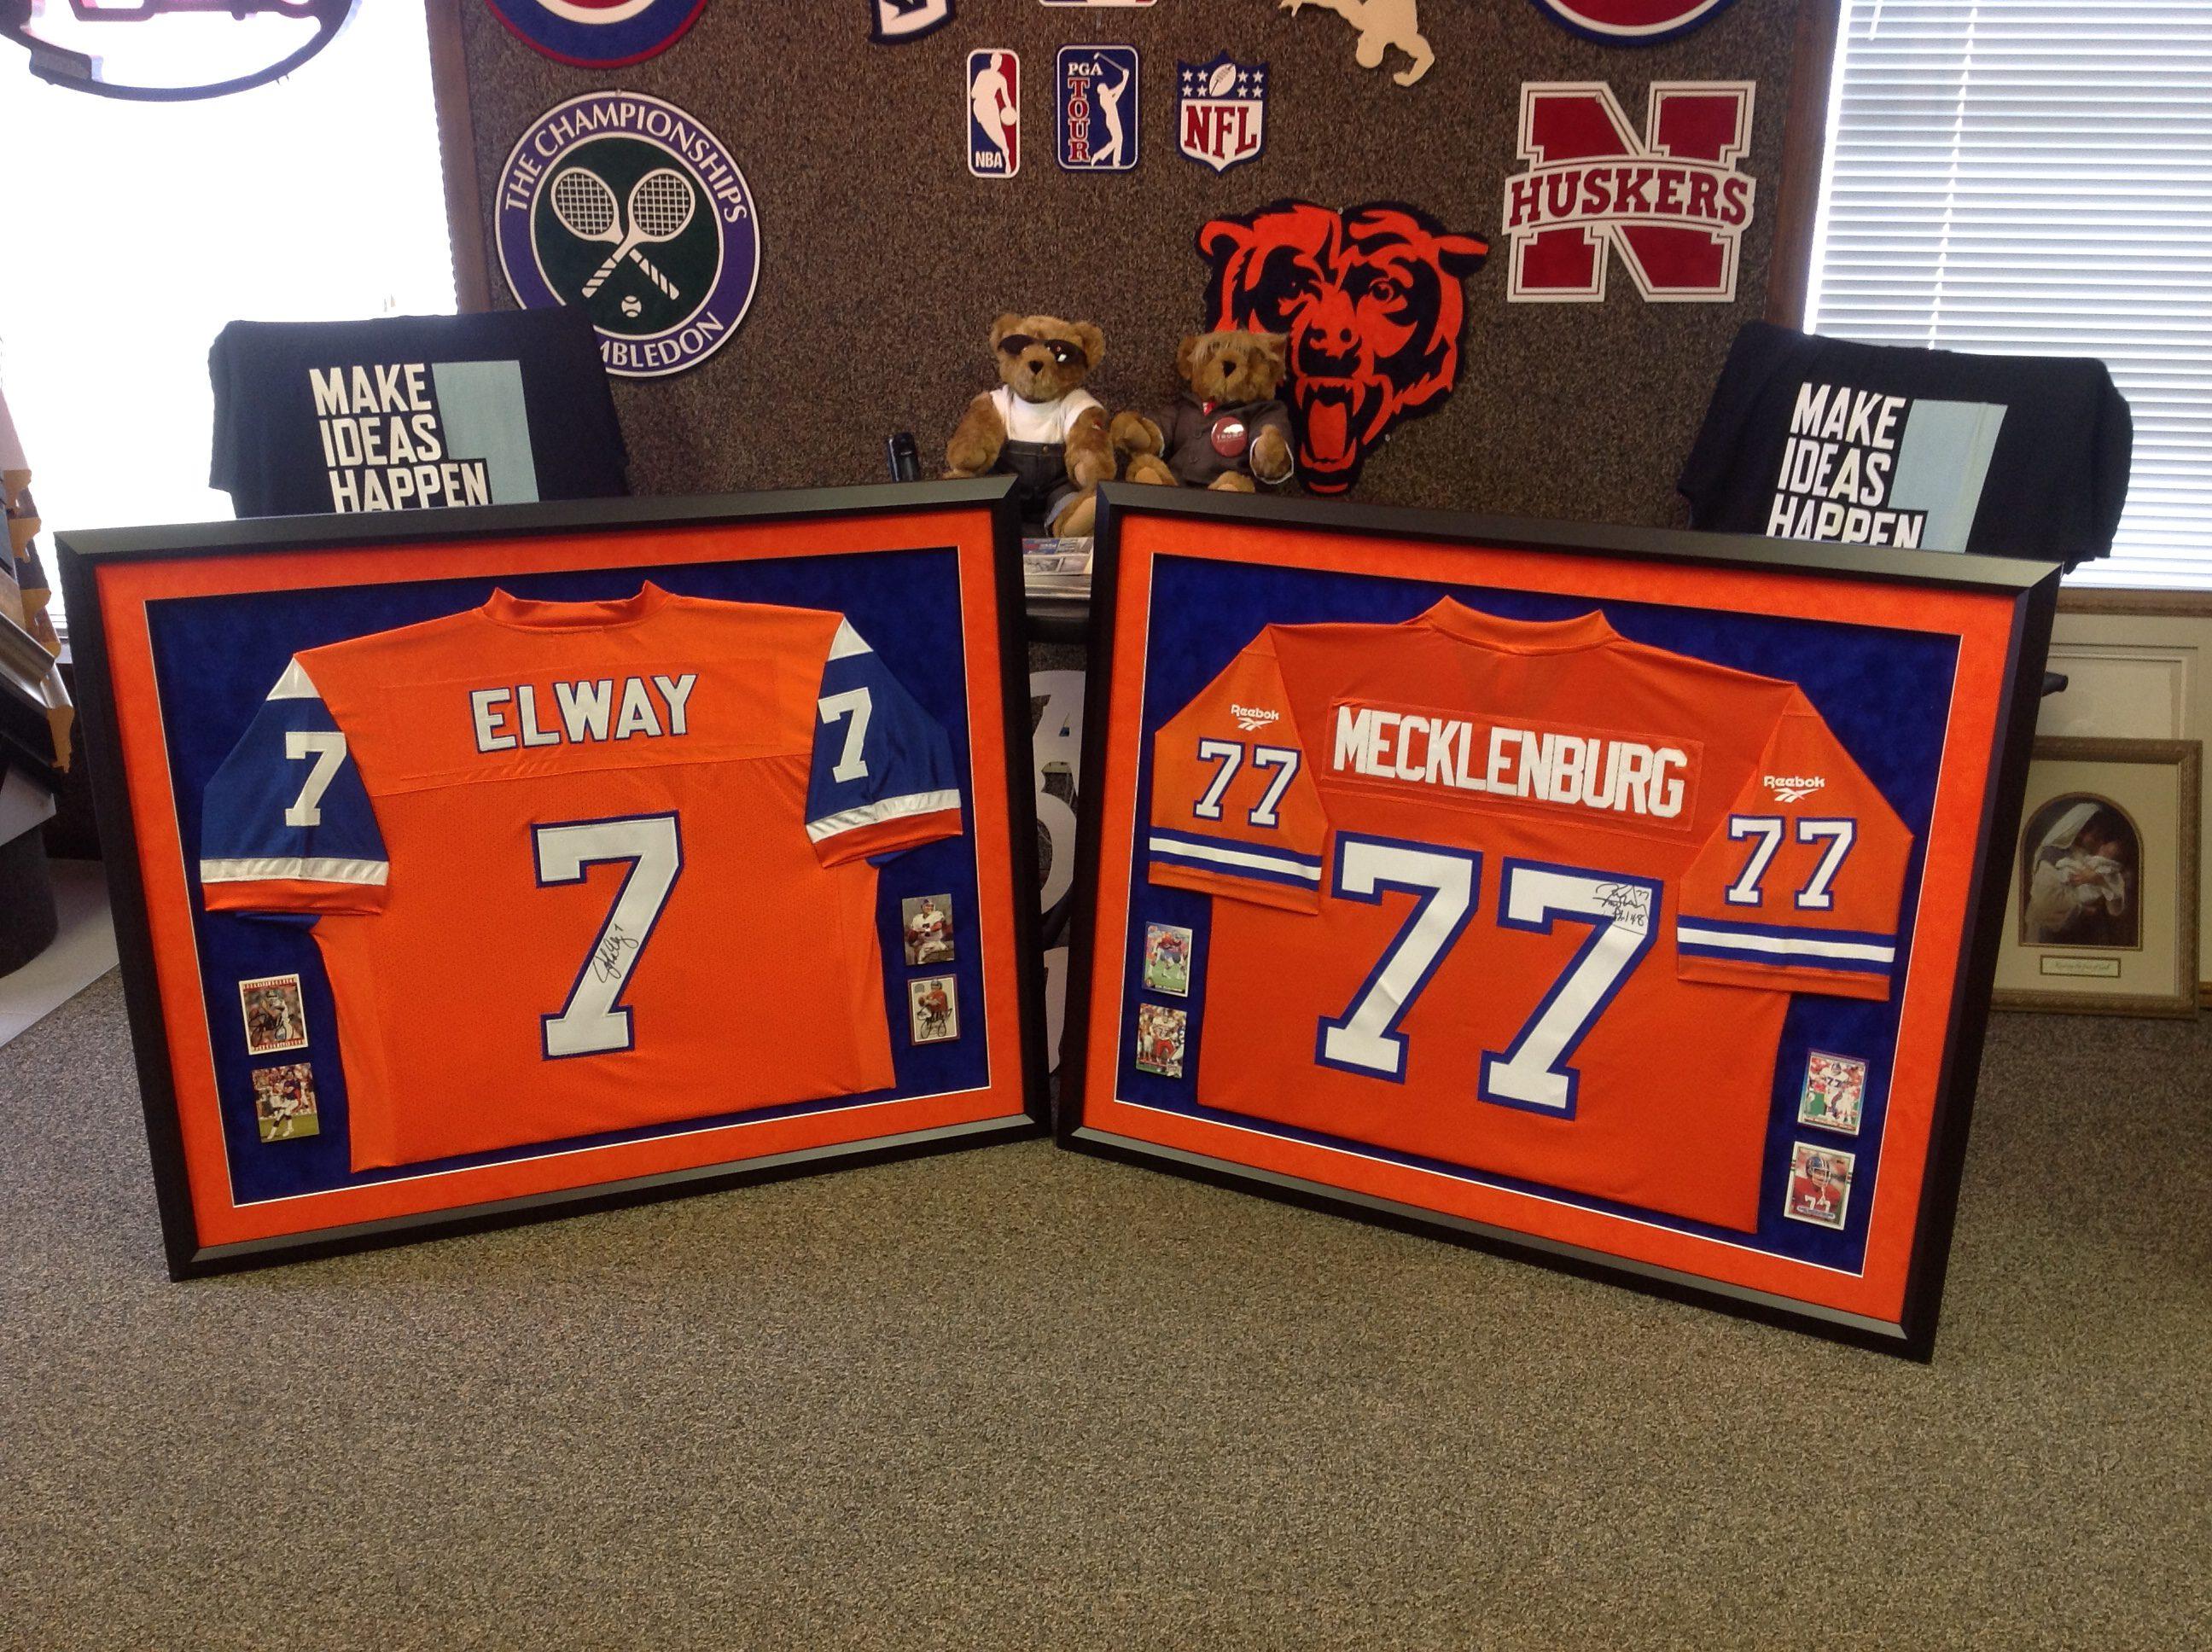 Denver Broncos Jerseys Framed